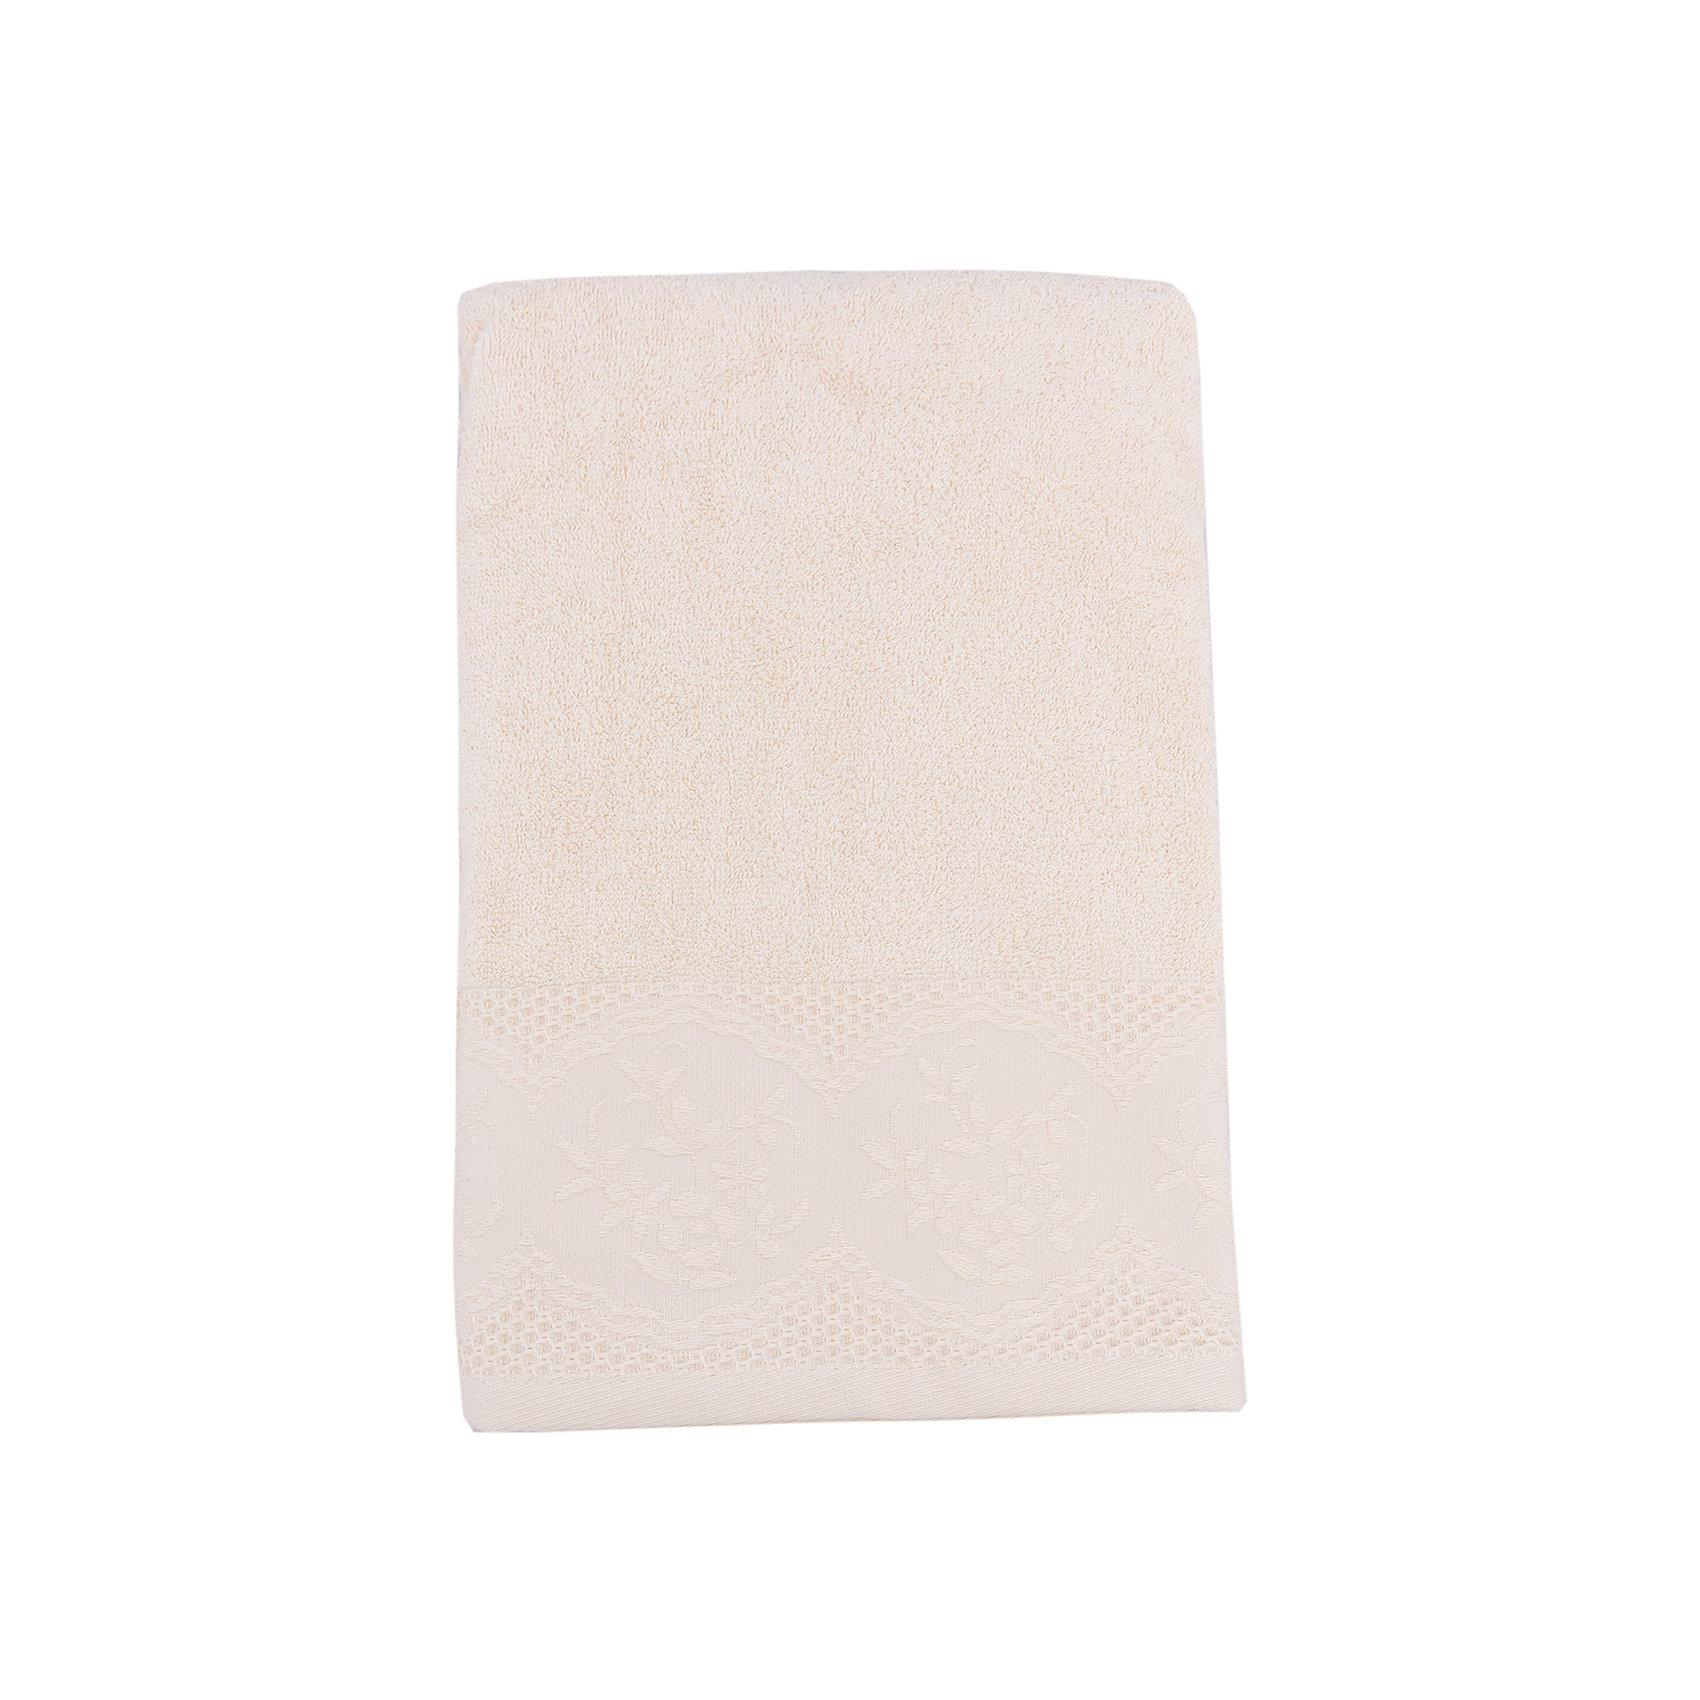 Полотенце WAYNE махровое 70*140, TAC, светло-желтыйДомашний текстиль<br>Характеристика: <br><br>- Материал: 100% хлопок.<br>- Размер: 70х140 см.<br>- Плотность: 430гр/м2.<br>- Цвет: светло-желтый.<br><br>Нежное махровое полотенце будет прекрасным подарком к любому празднику!<br><br>Полотенце WAYNE махровое, можно купить в нашем магазине.<br><br>Ширина мм: 170<br>Глубина мм: 40<br>Высота мм: 300<br>Вес г: 500<br>Возраст от месяцев: 0<br>Возраст до месяцев: 84<br>Пол: Унисекс<br>Возраст: Детский<br>SKU: 5124090